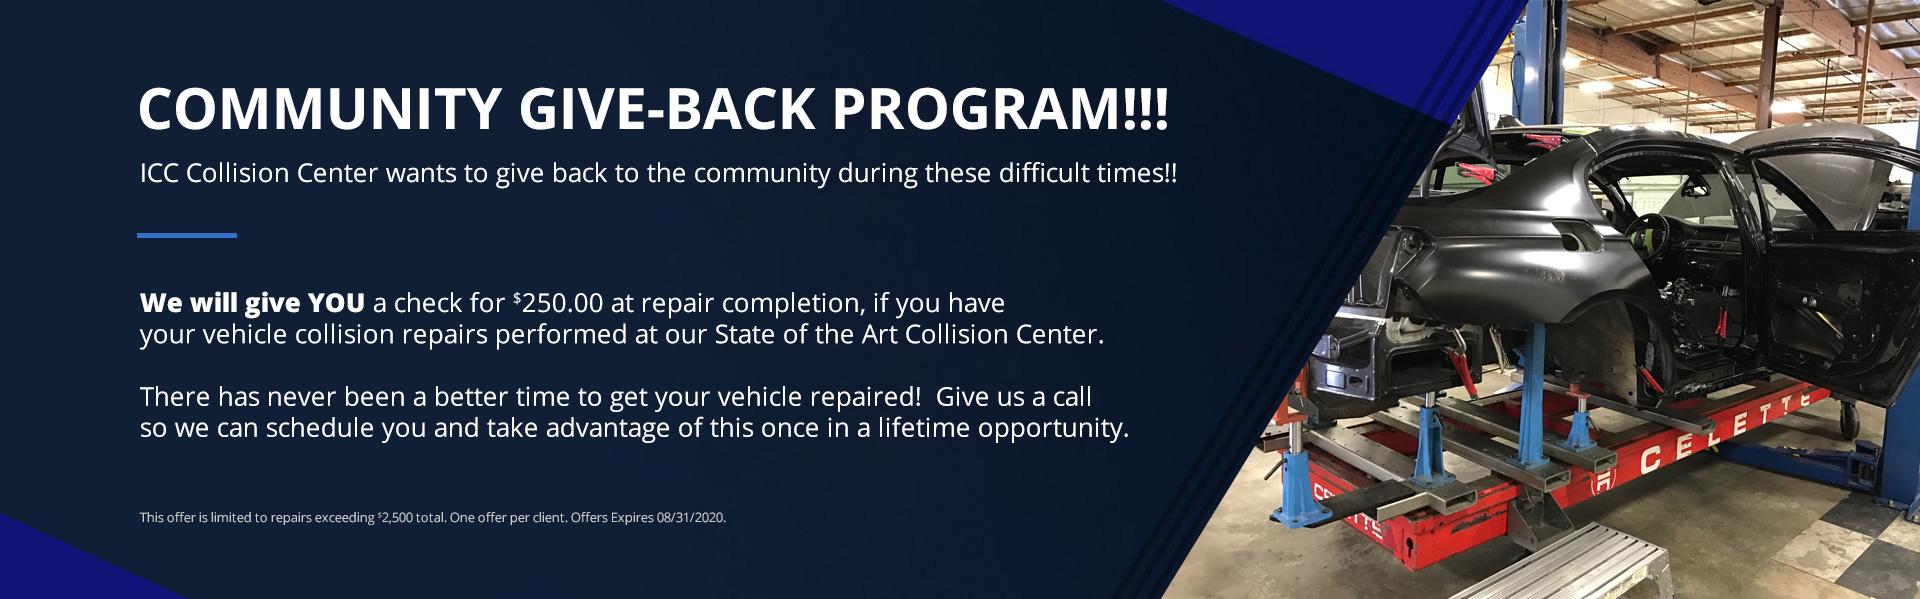 Community Give-Back Program